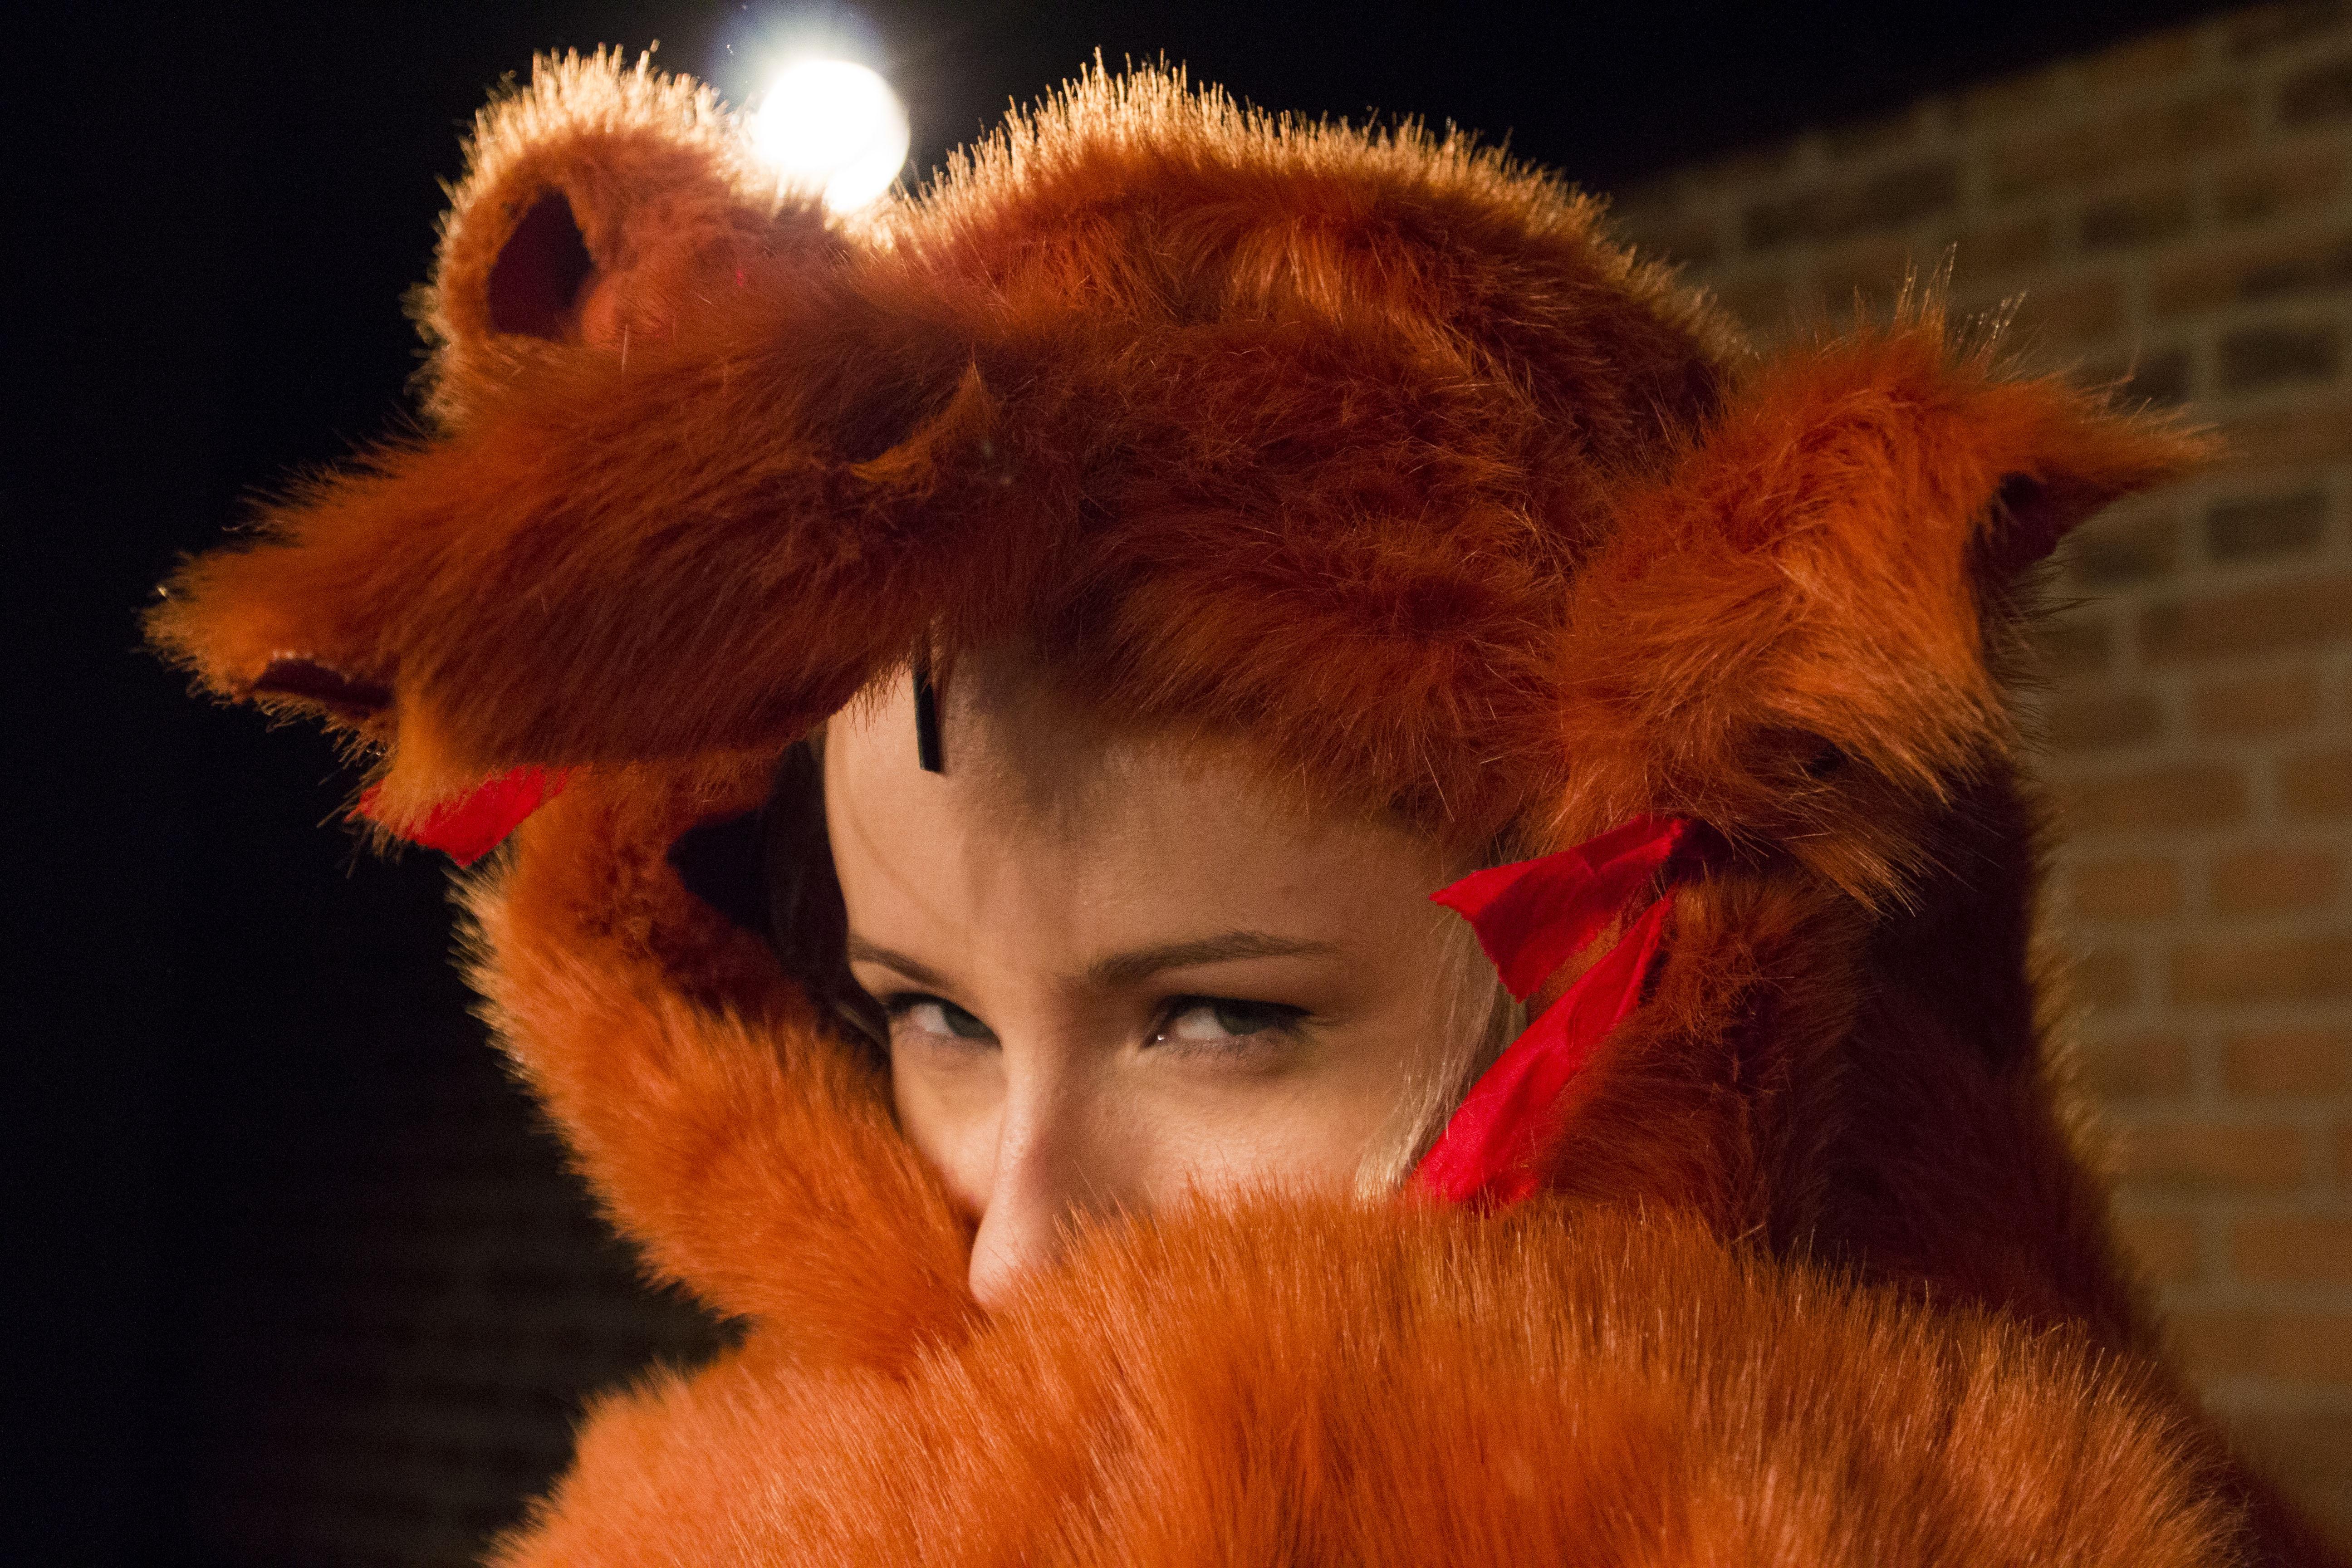 Zdjęcie ze spektaklu Tymoteusz Rym Cim Cim. Twarz aktorki owinieta rudym futrem imitująca przebranie lisa.